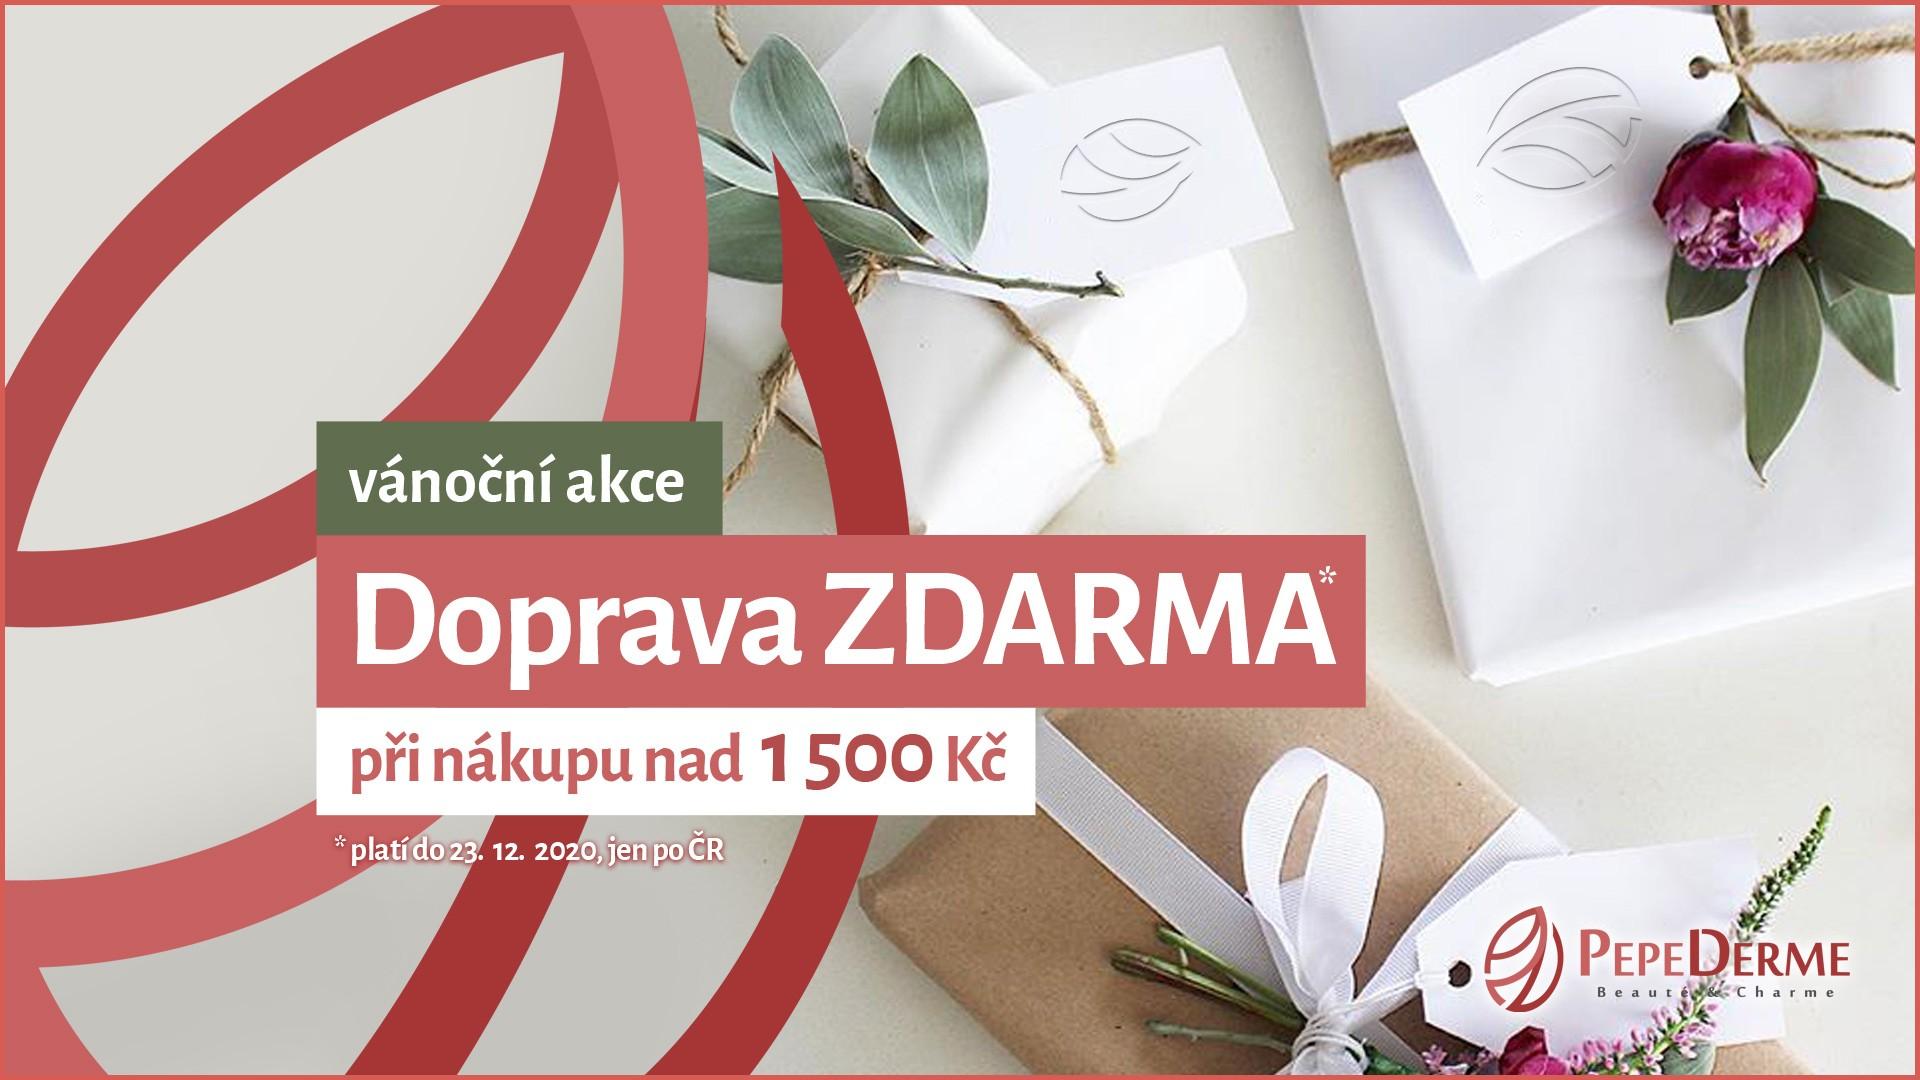 pepederme_clanek_doprava-zdarma1500_2020-12-23